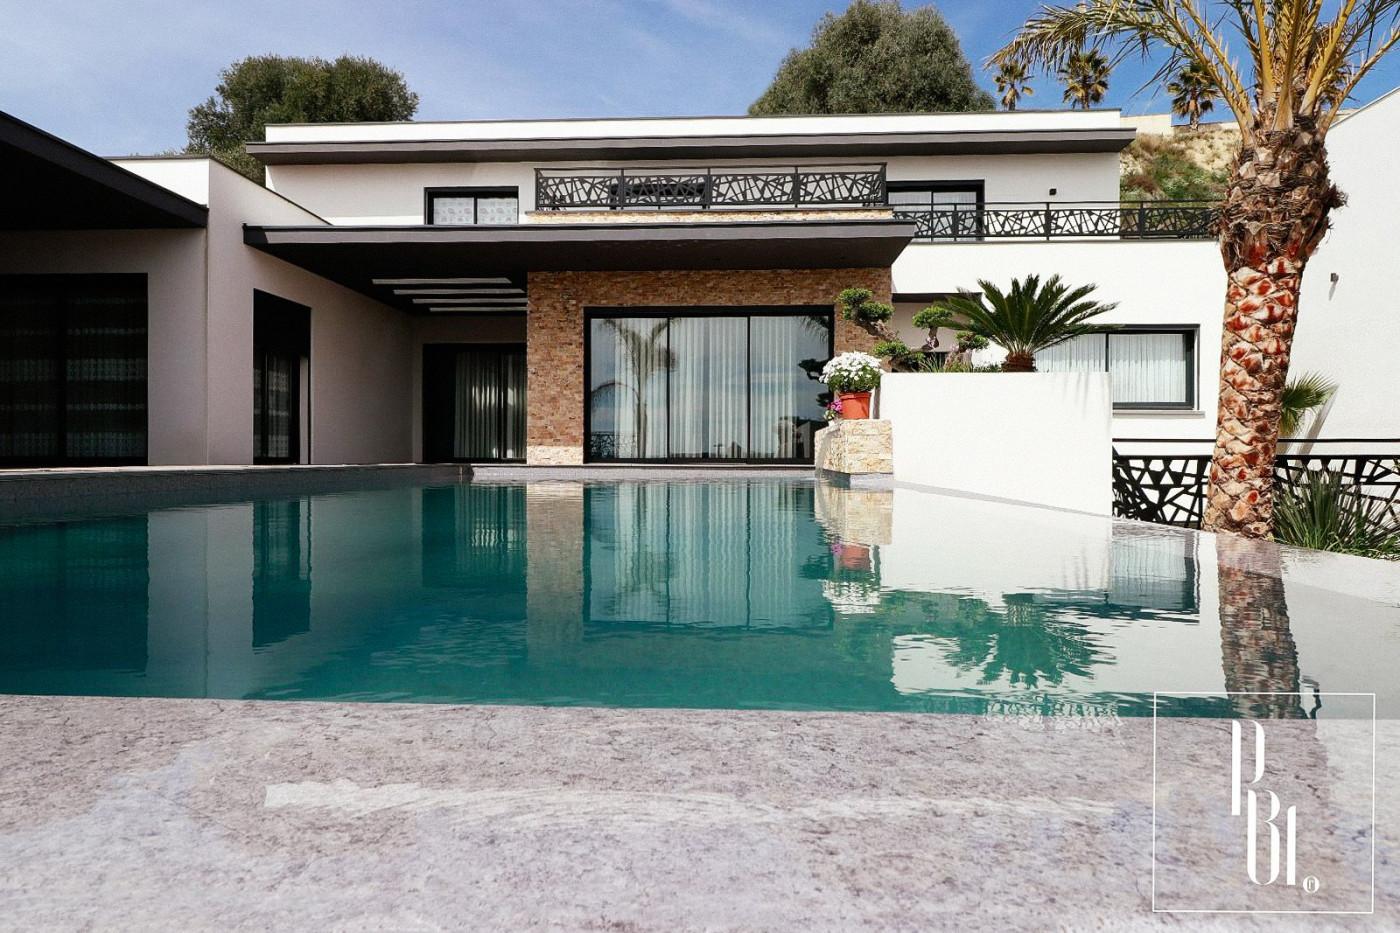 A vendre  Beziers   Réf 345051016 - Pierre blanche immobilier